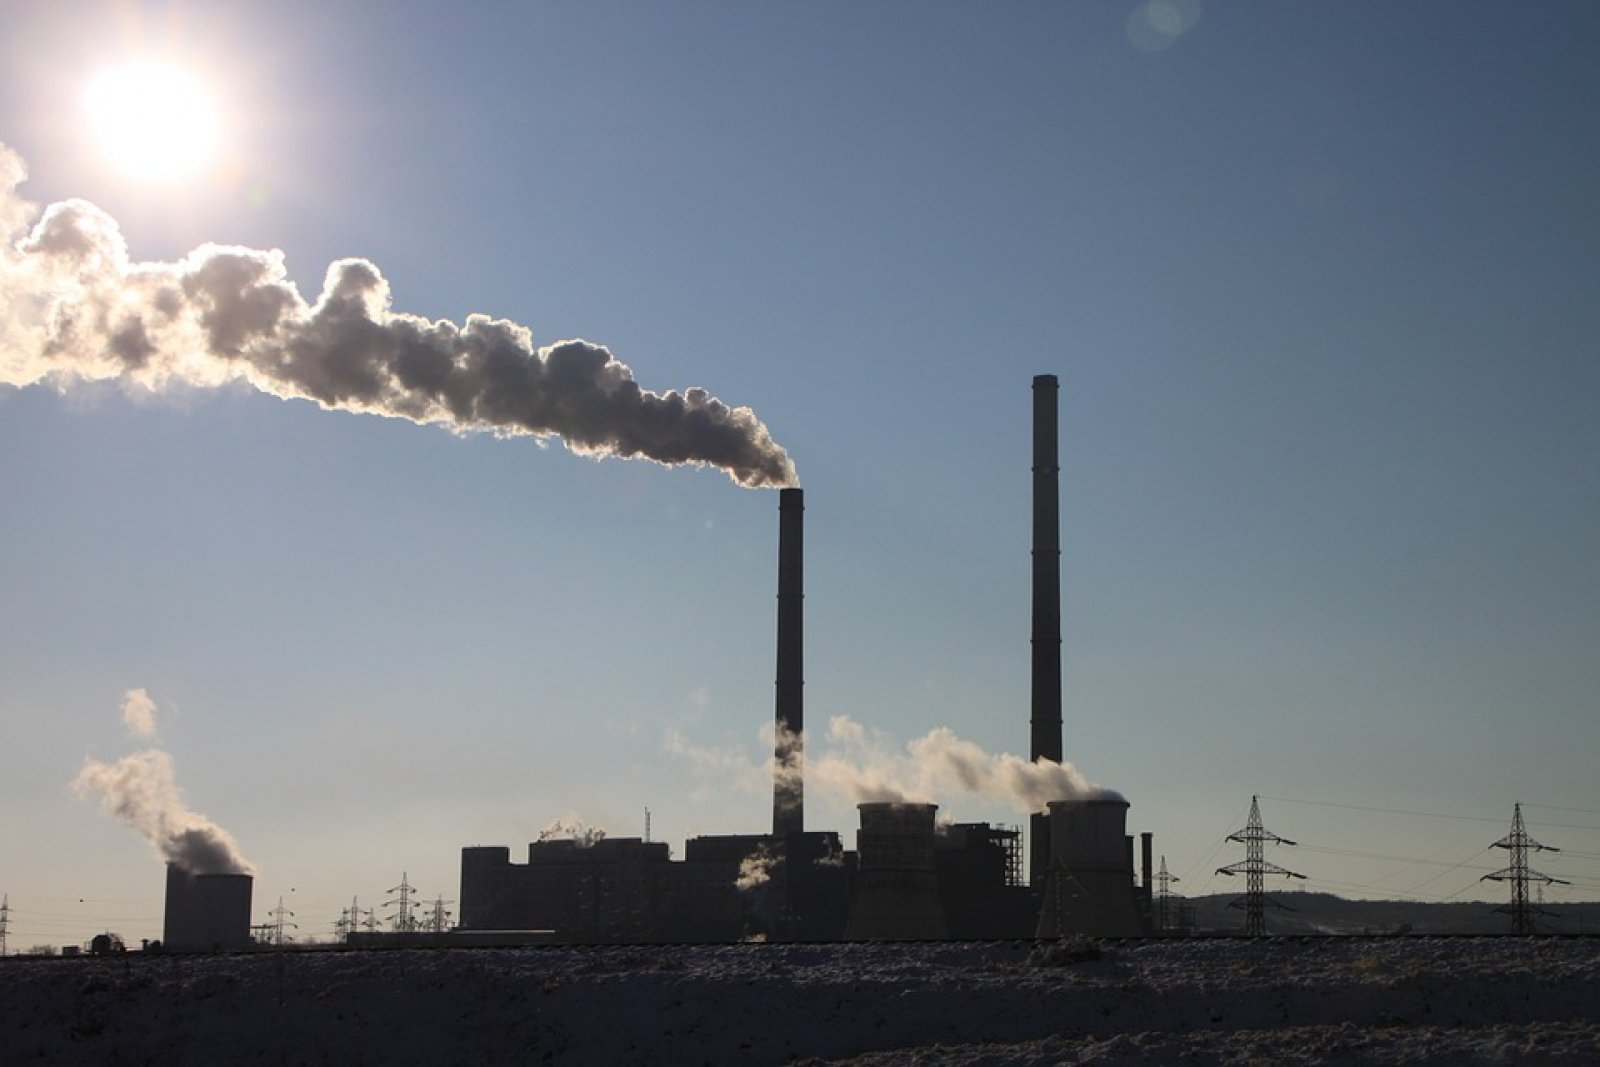 Emissions de gasos d'efecte hivernacle